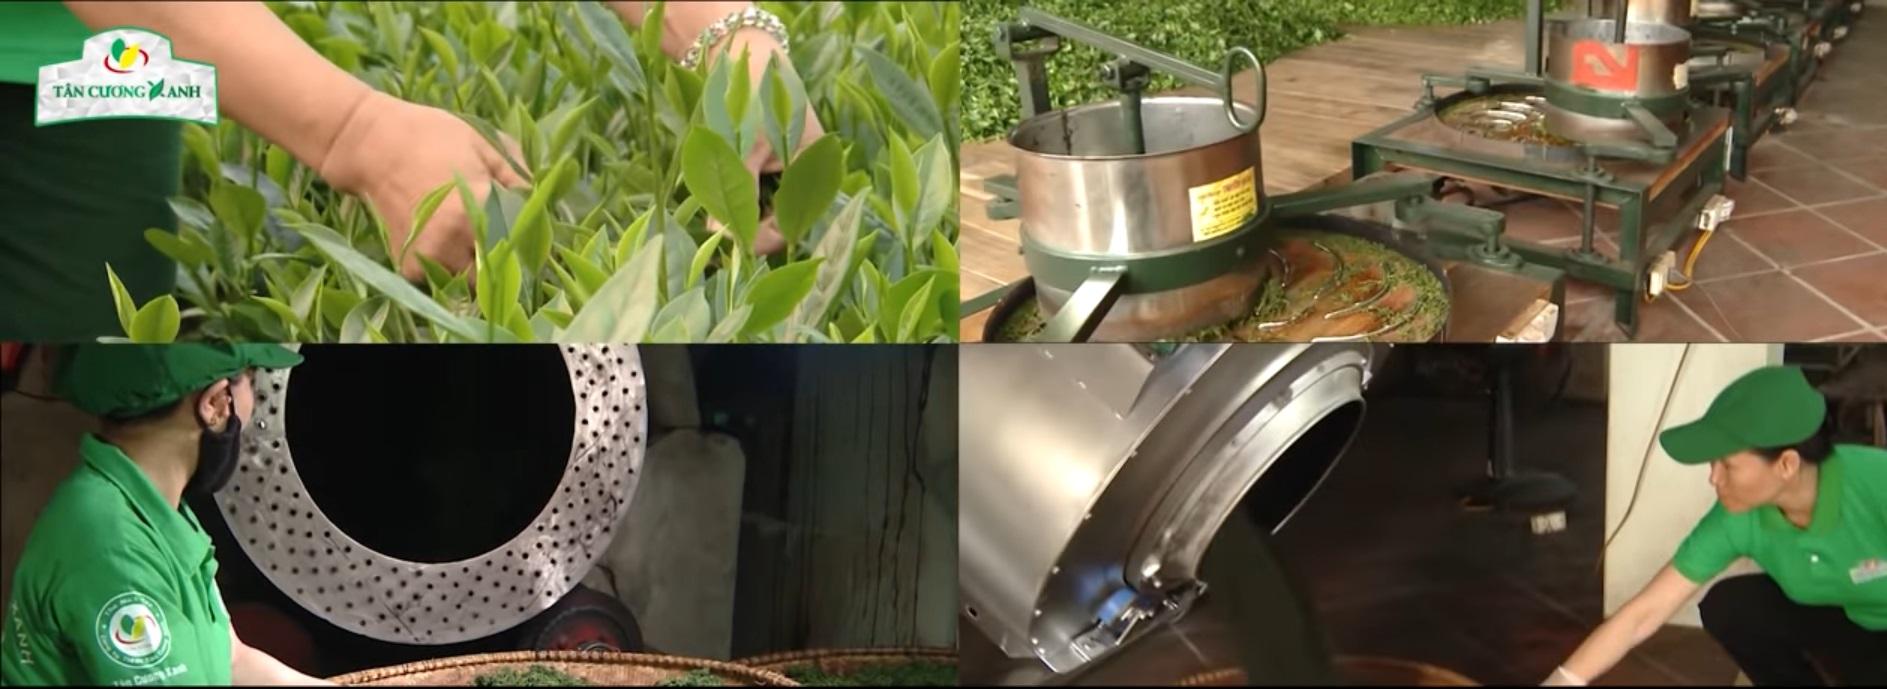 Quy trình chế biến chè búp Thái Nguyên